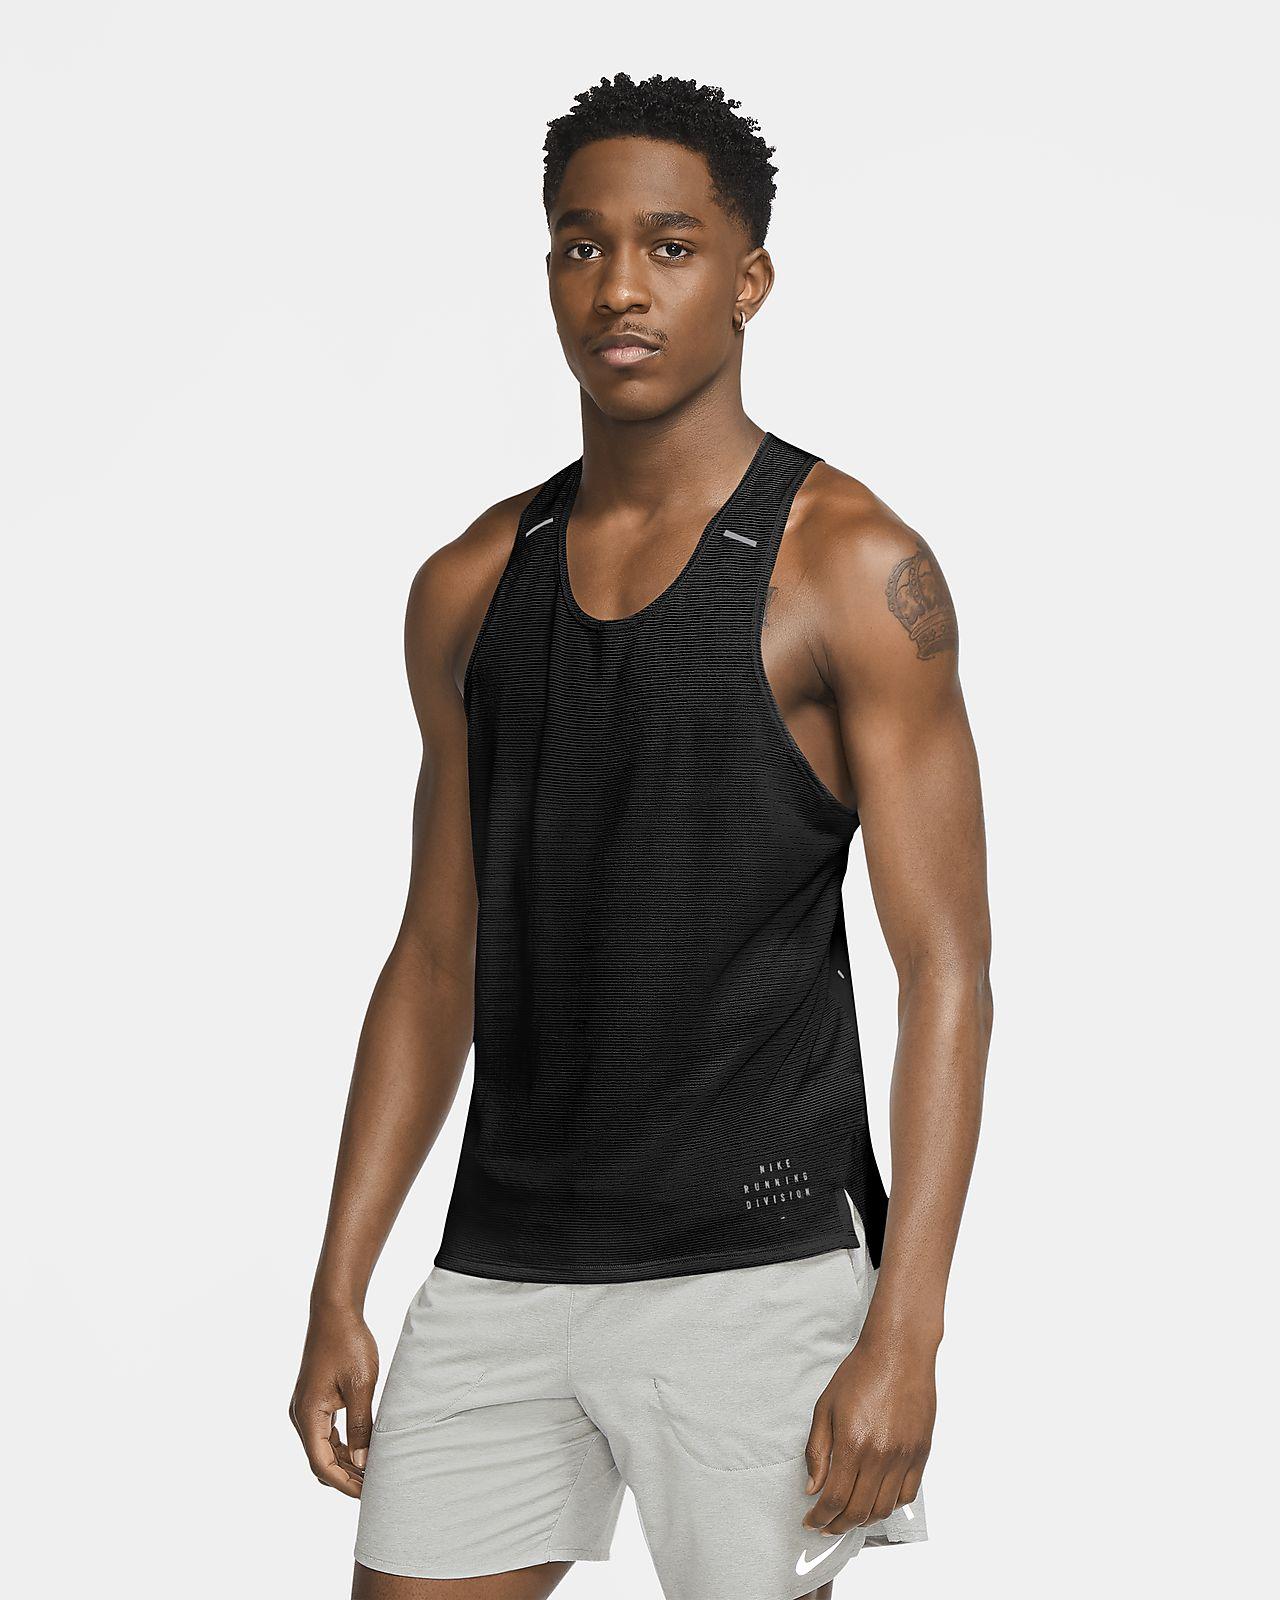 เสื้อกล้ามวิ่งผู้ชาย Nike Run Division Adapt